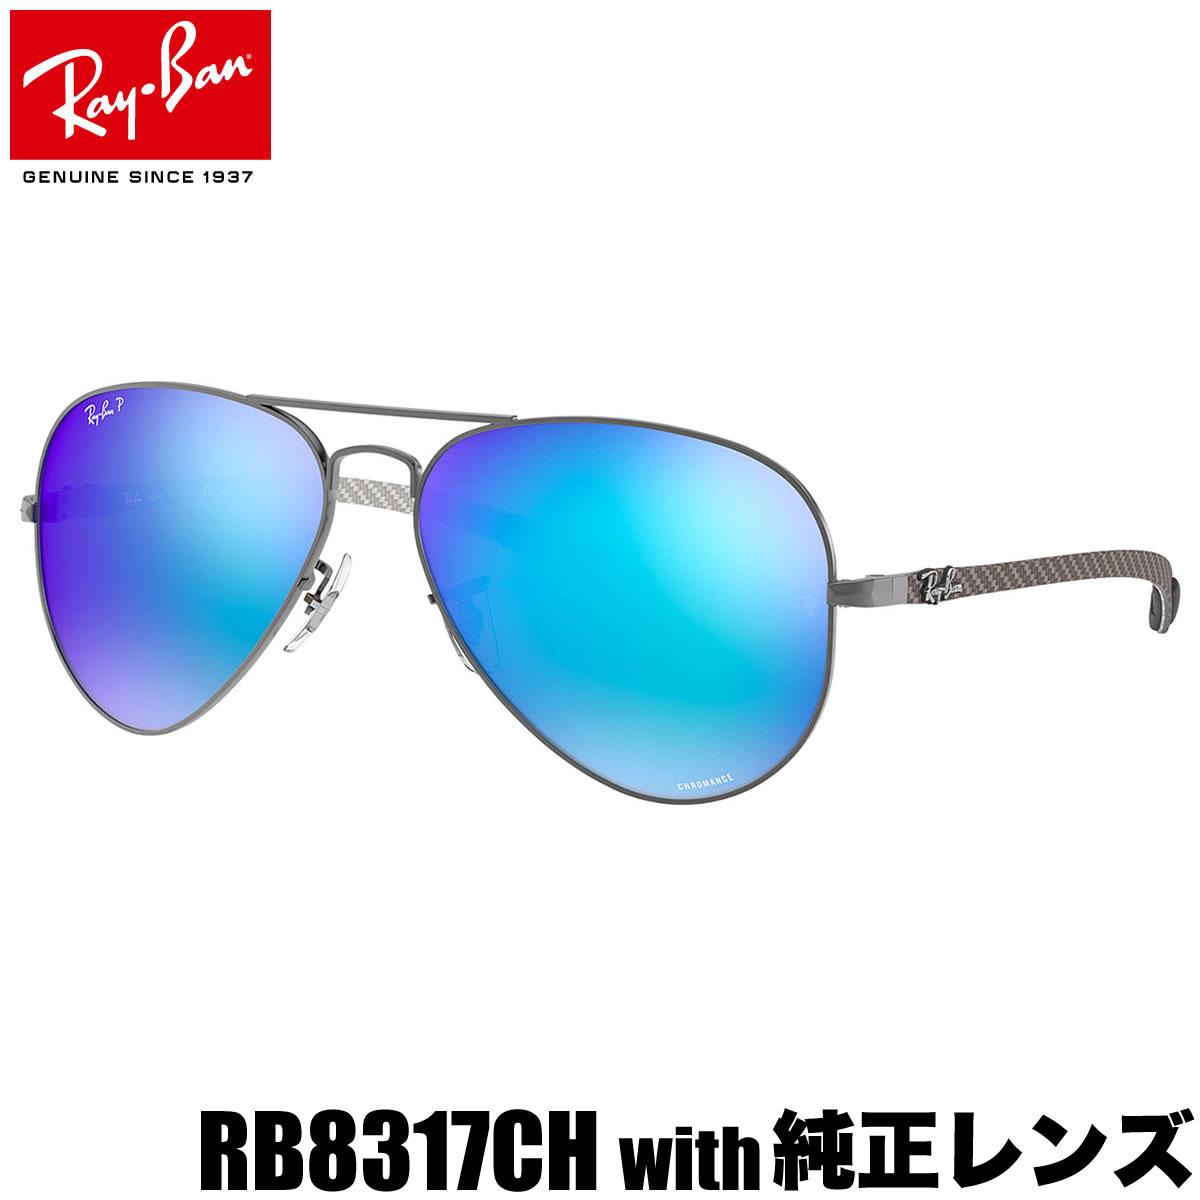 最高品質の レイバン純正カスタムオーダーレンズ付価格 レイバン サングラス レディース RB8317CH CHROMANCE TECH クロマンス テック テック 国内正規品 CHROMANCE Ray-Ban 度数付きメガネ メンズ レディース, LEXT:b8d74796 --- superbirkin.com